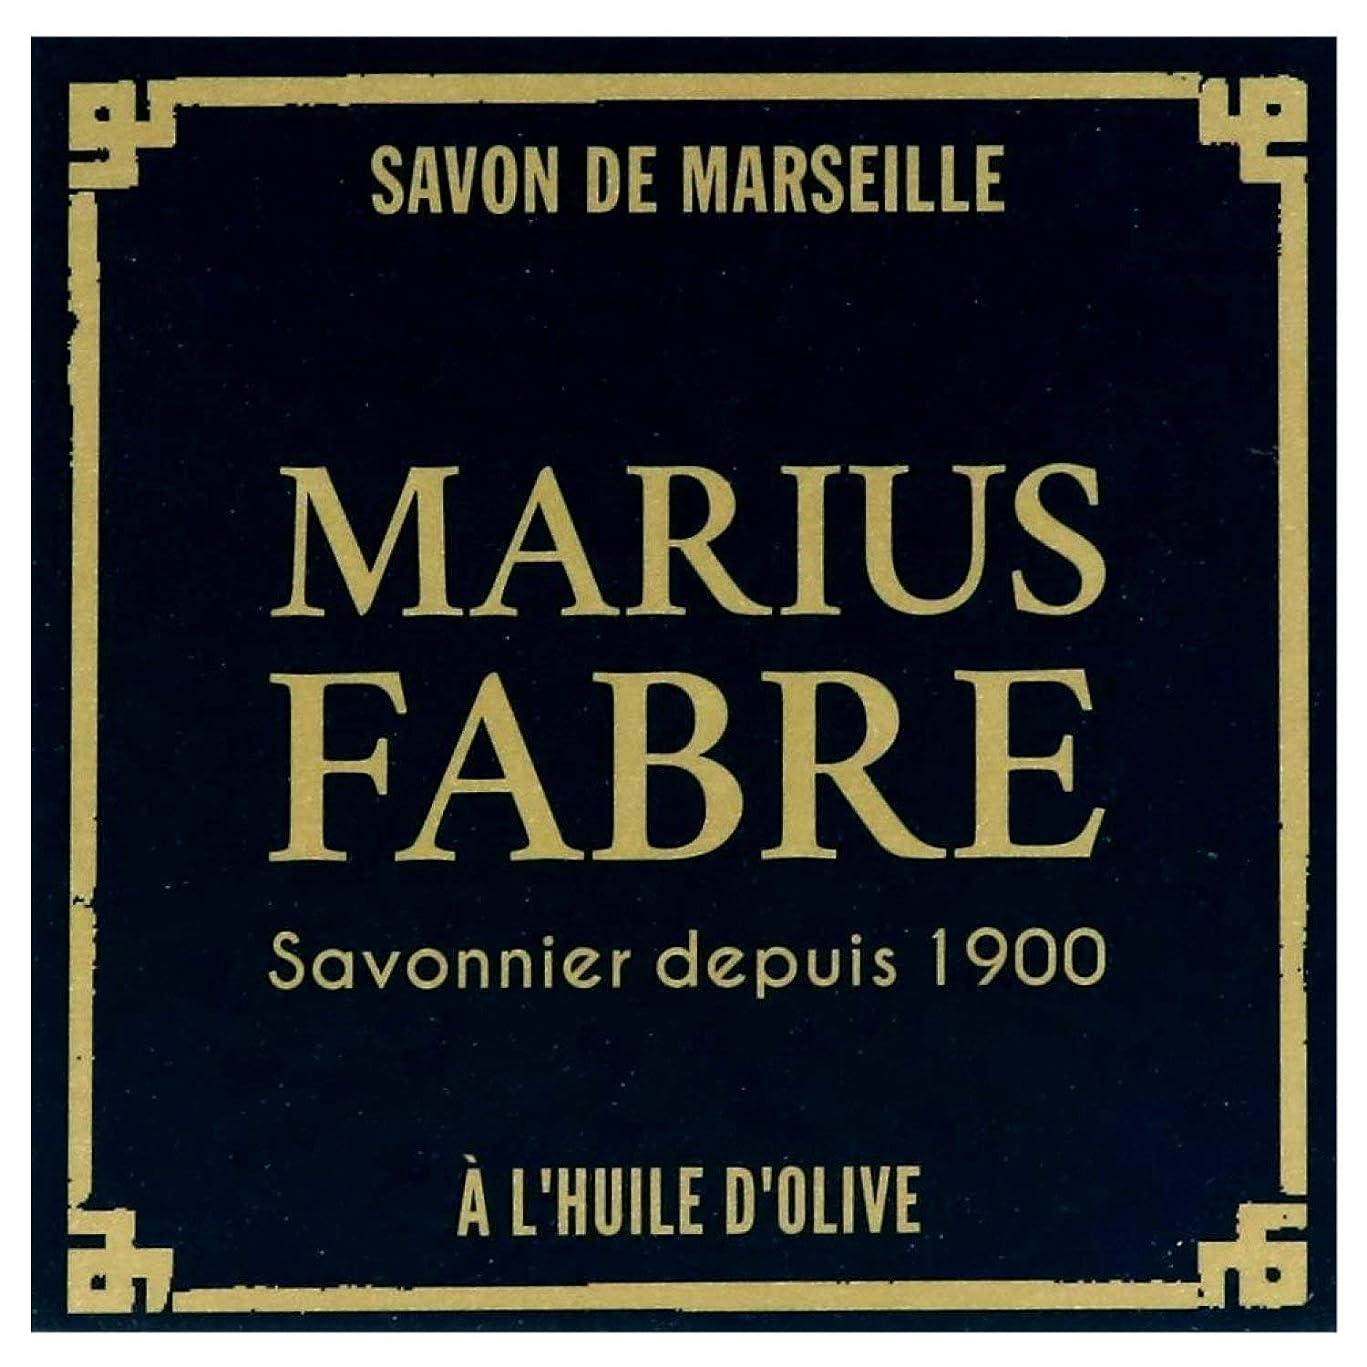 ゴール夕食を食べる上回るサボンドマルセイユ ネイチャー オリーブ (400g)